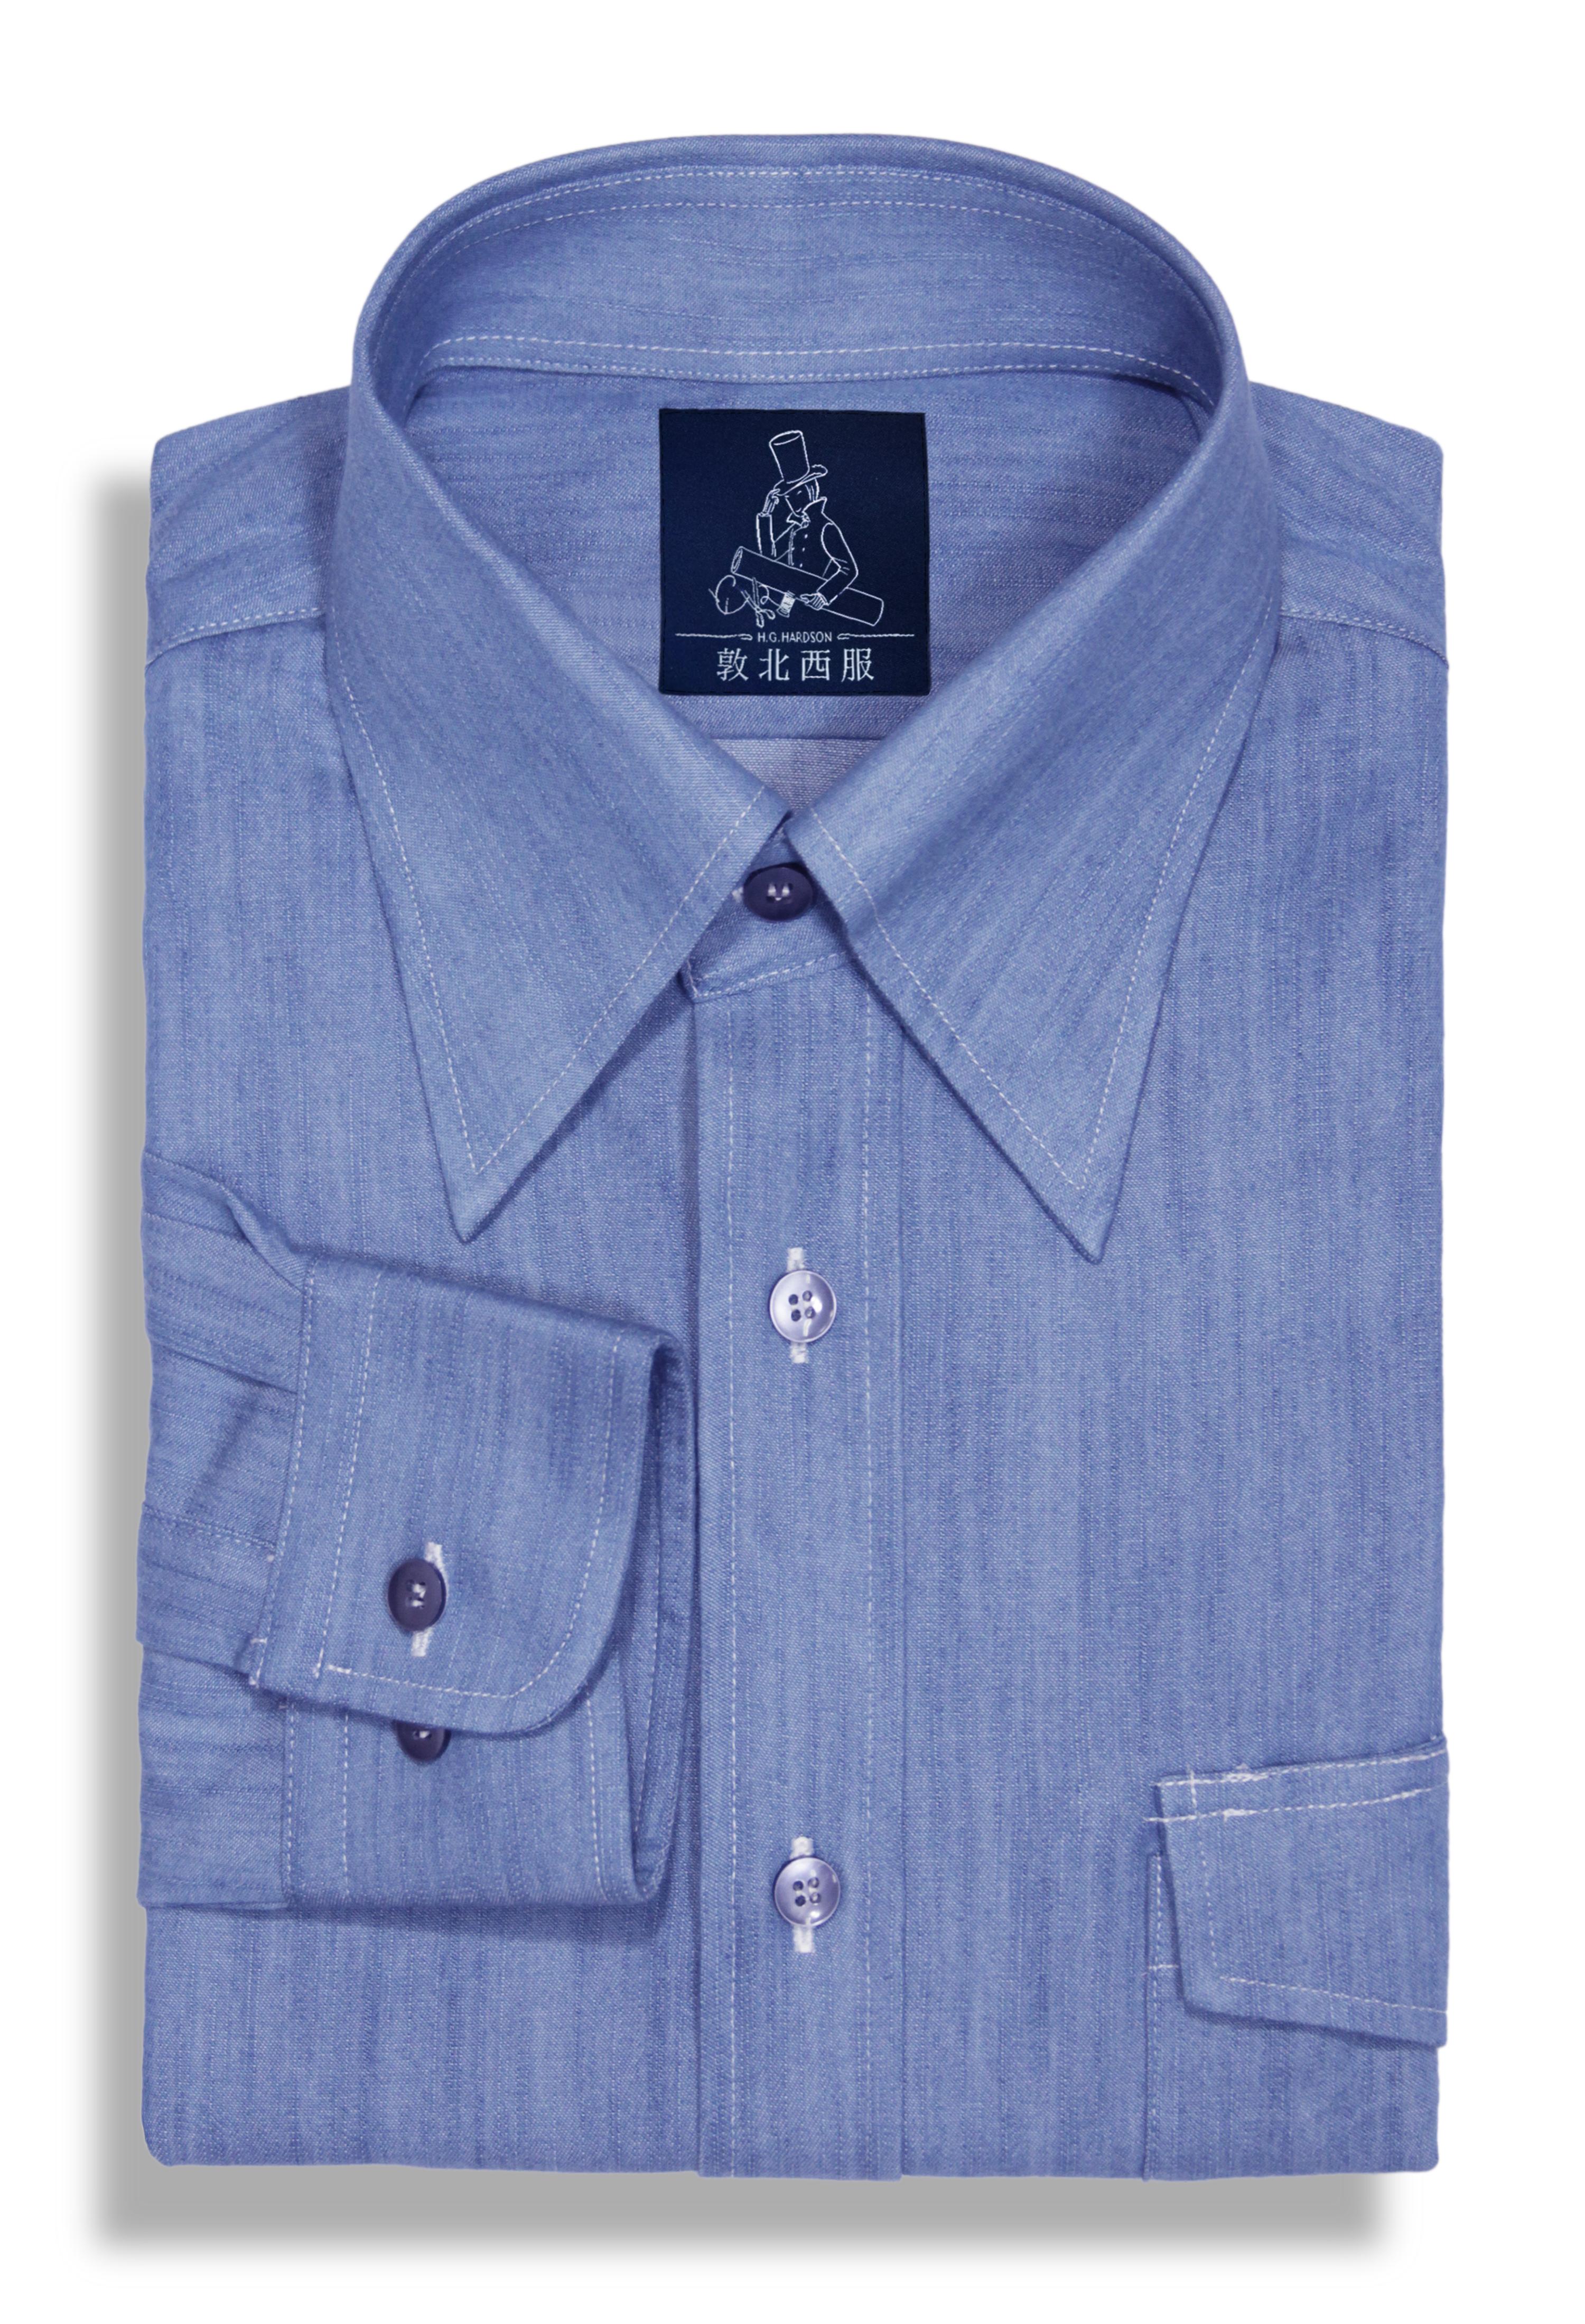 丹寧大尖領襯衫-淺藍